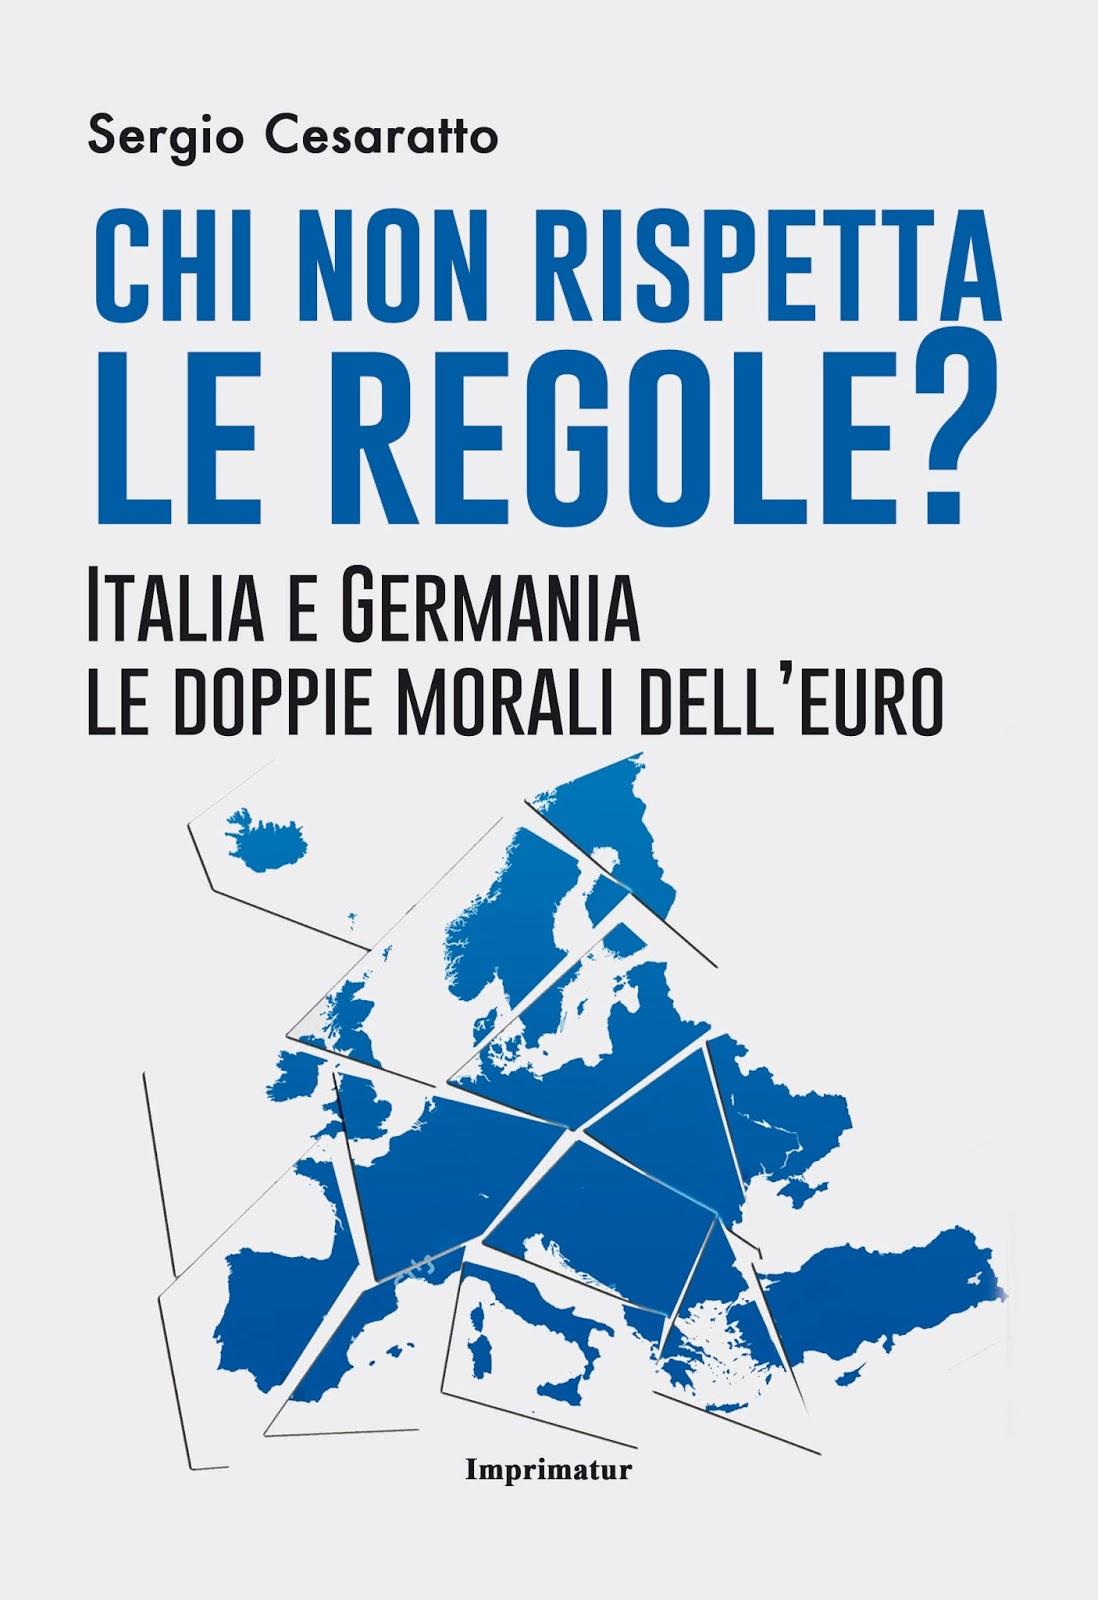 Chi non rispetta le regole? Italia e Germania le doppie morali dell'euro